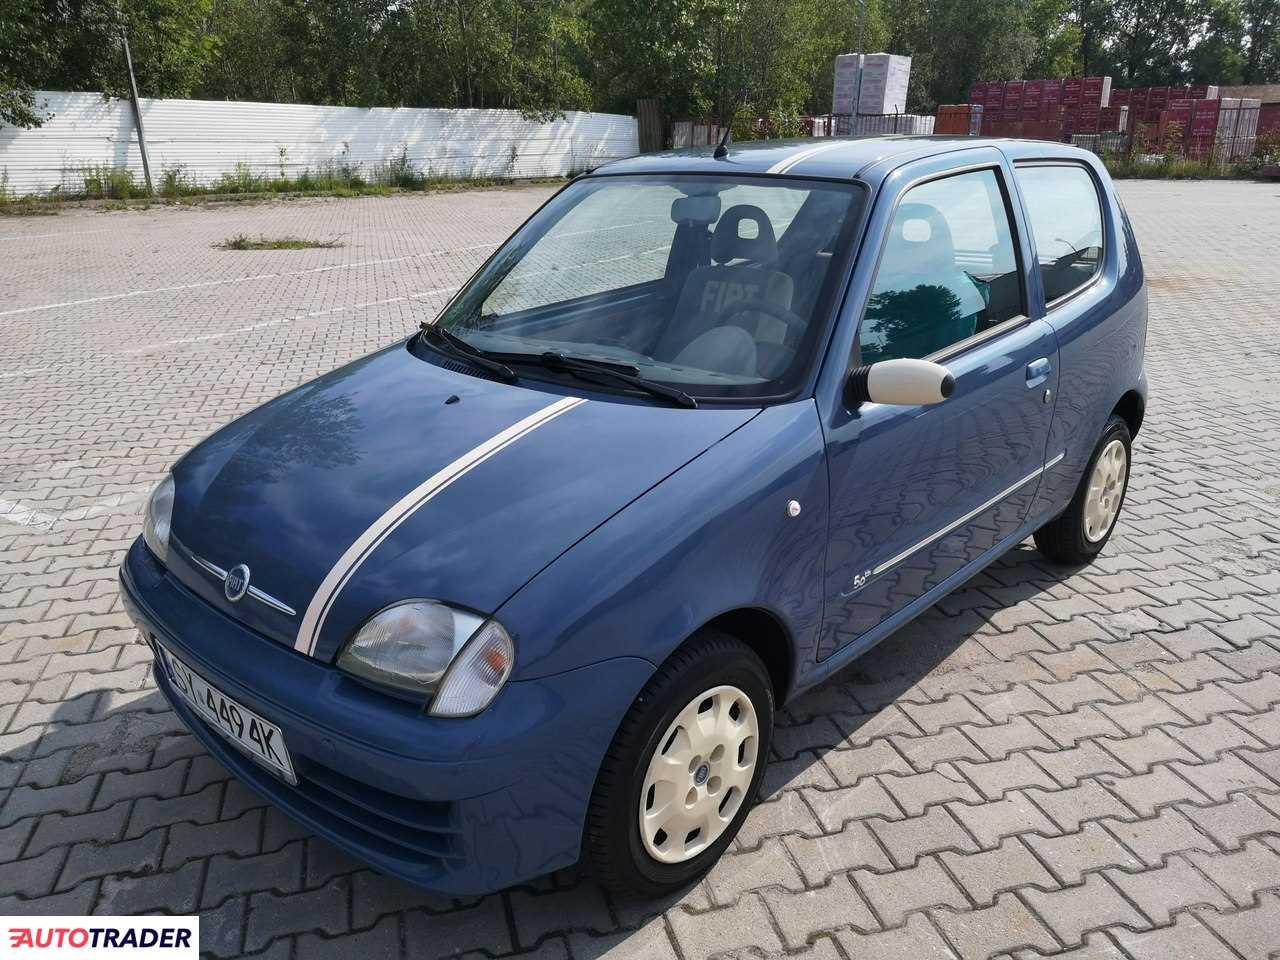 Fiat Seicento 2006 1.1 40 KM